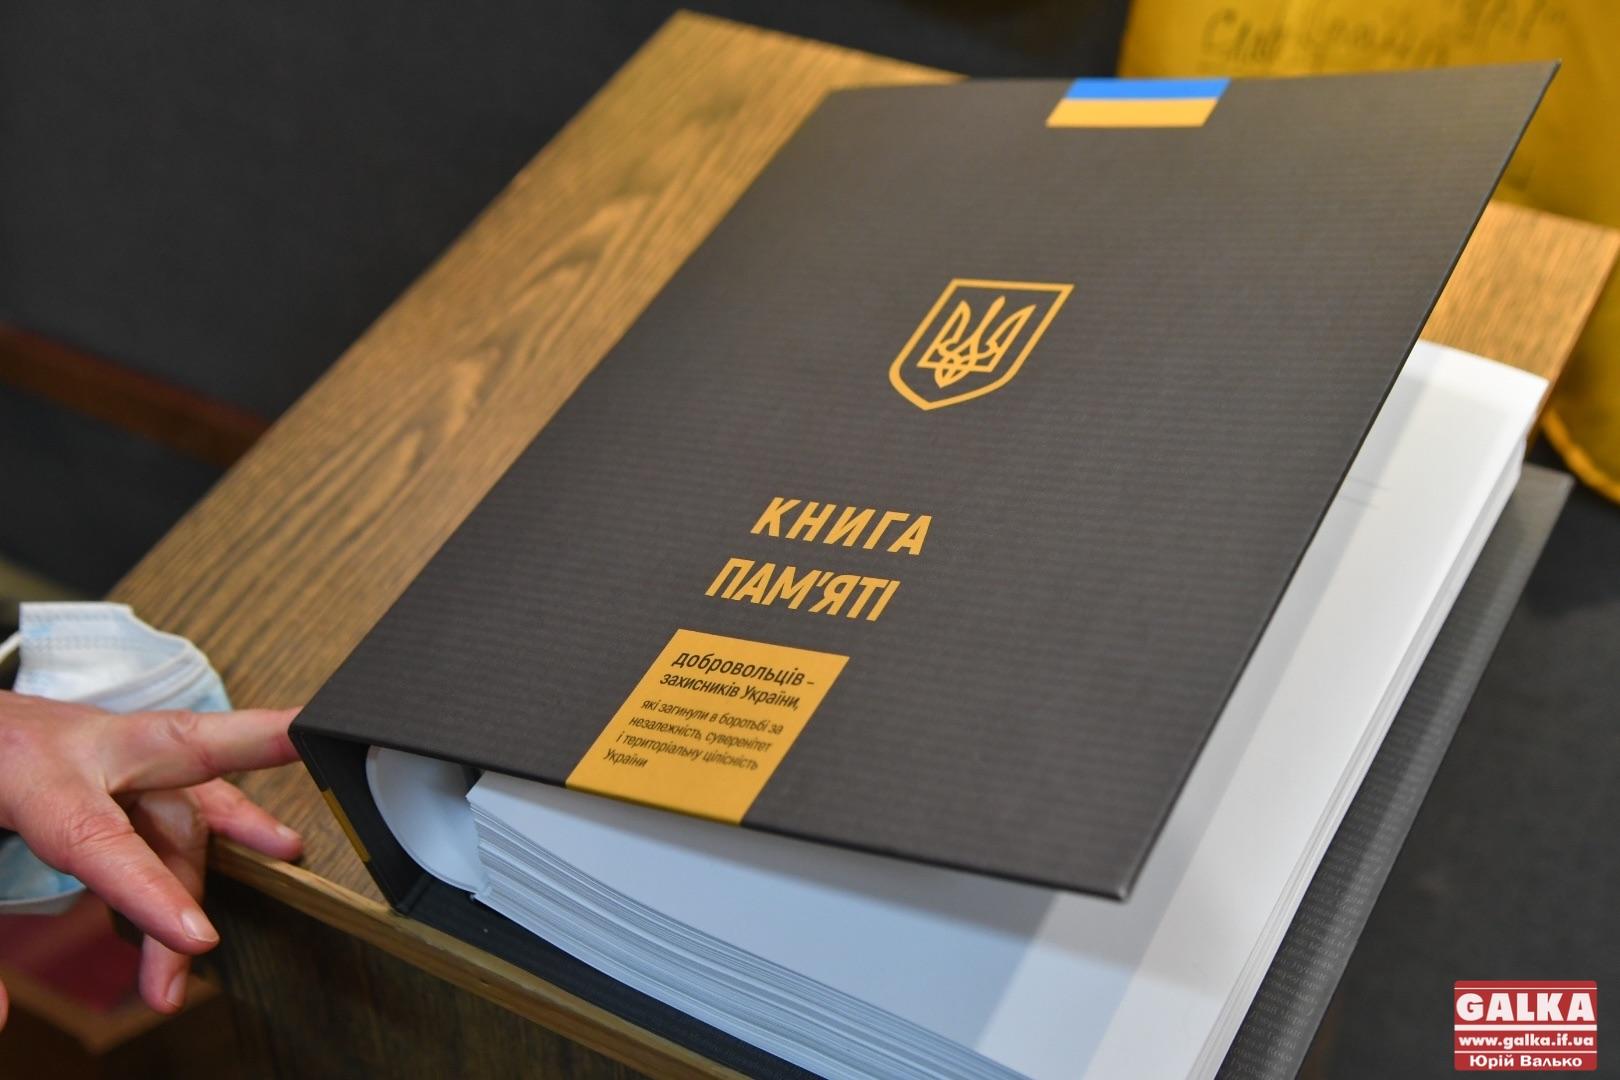 Книгу пам'яті добровольців-захисників України презентували в музеї визвольної боротьби (ФОТО)